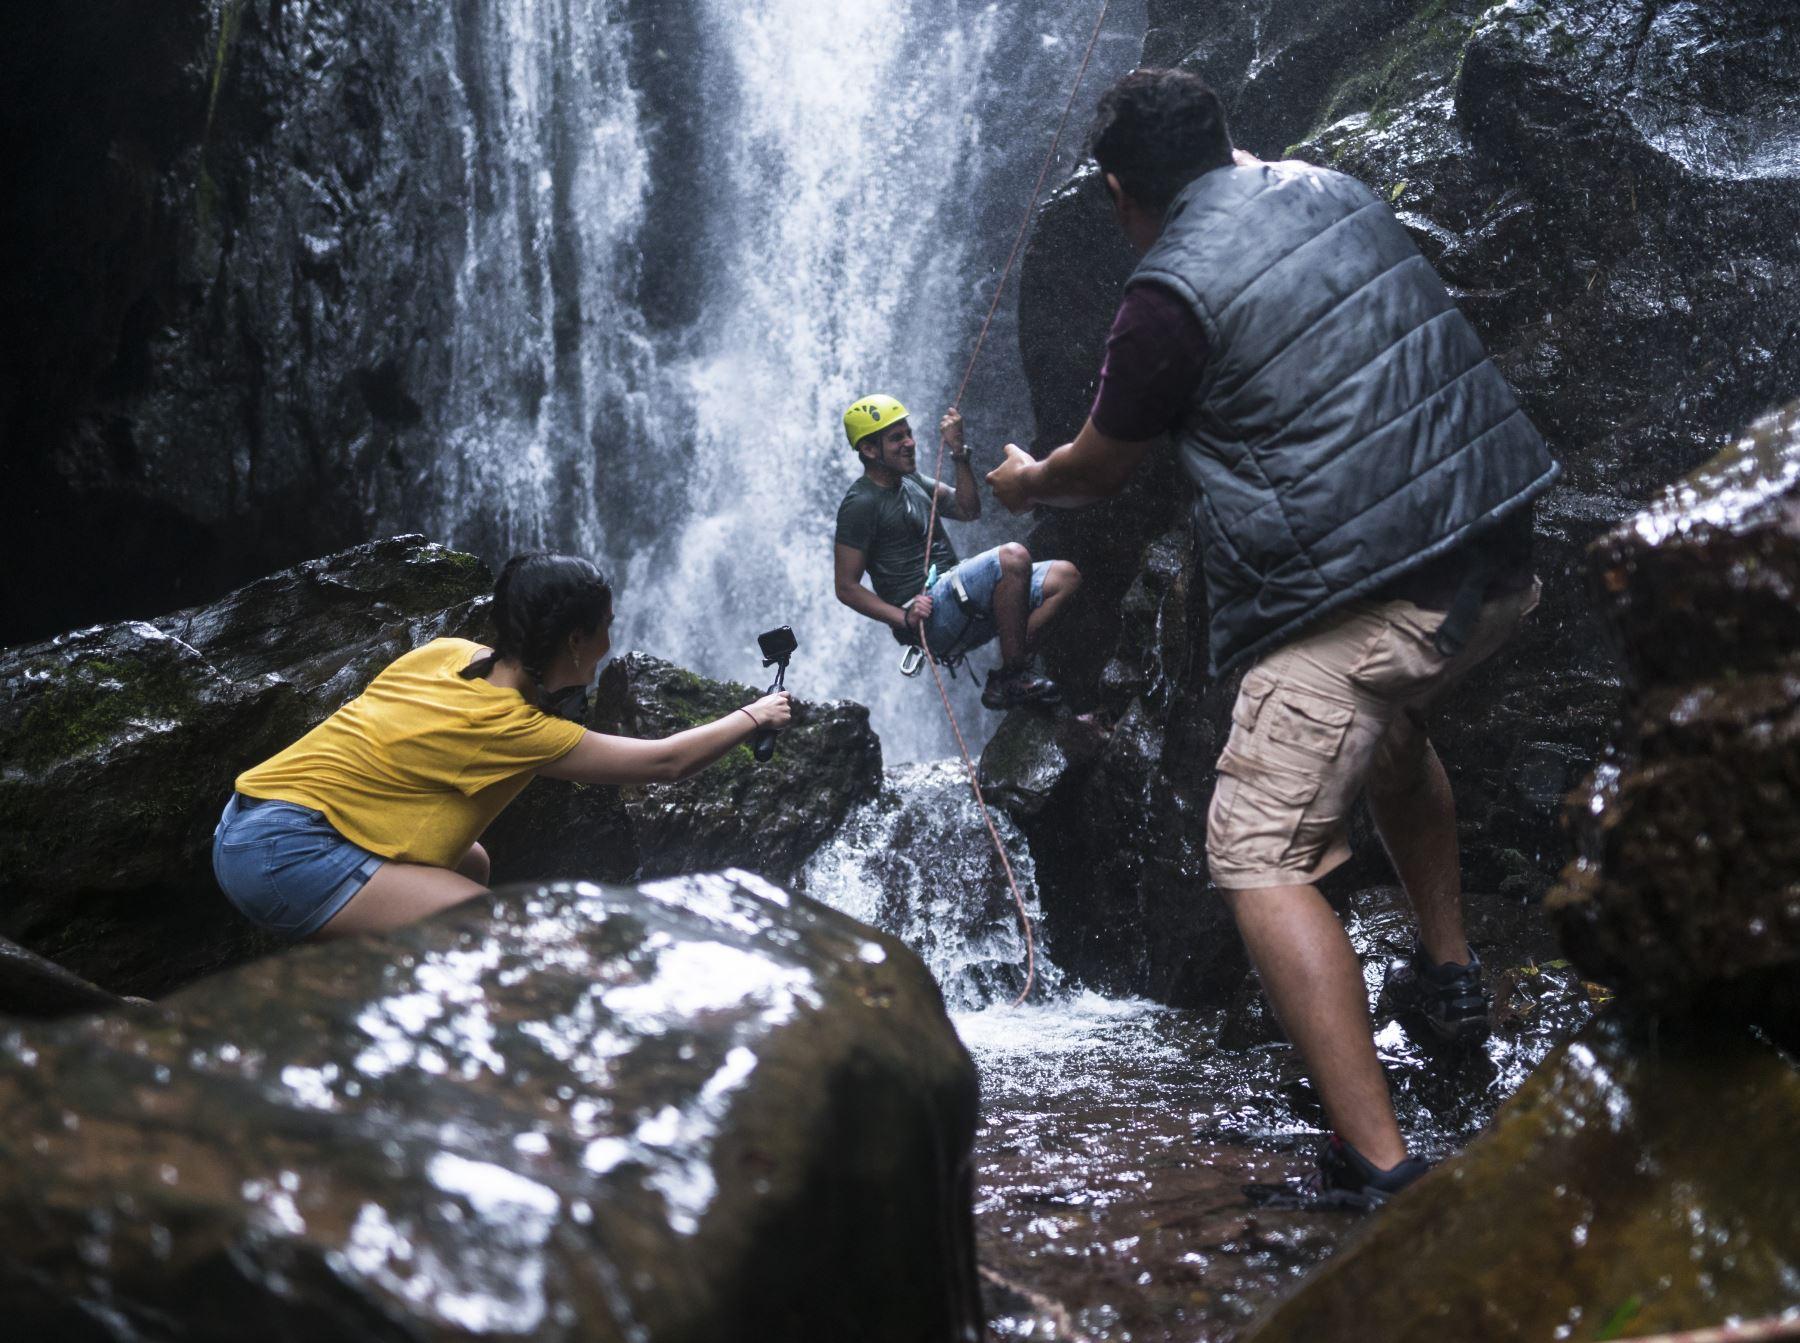 Con el respaldo que otorga el Sello Safe Travel que los reconoce como destinos turísticos seguros, la Selva Central y Oxapampa impulsarán el turismo de naturaleza y de aventura. Foto: Promperú